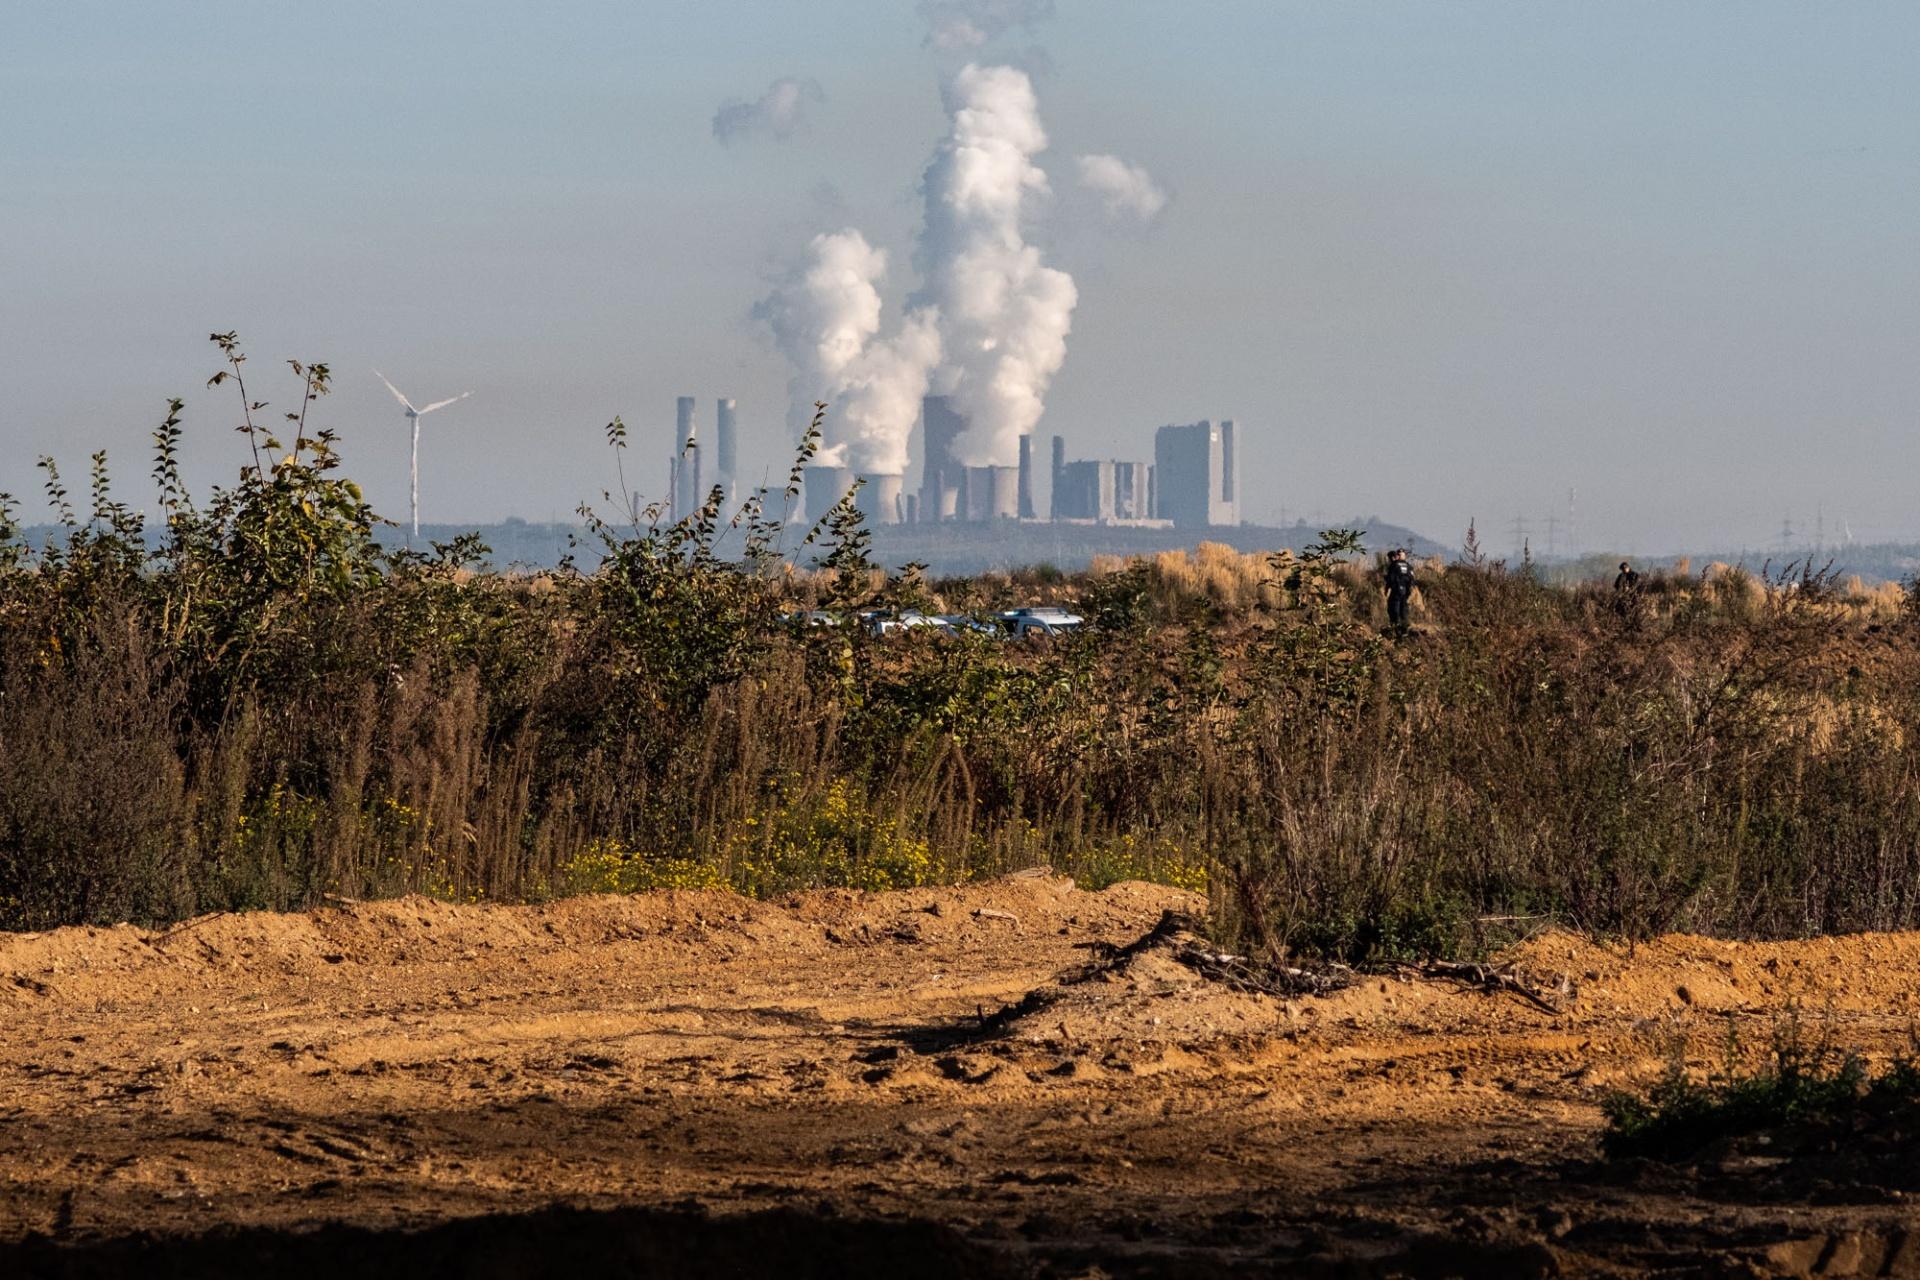 Kohlekraftwerke mit bereits gerodetem Wald vom Rand des Hambacher Forstes aus